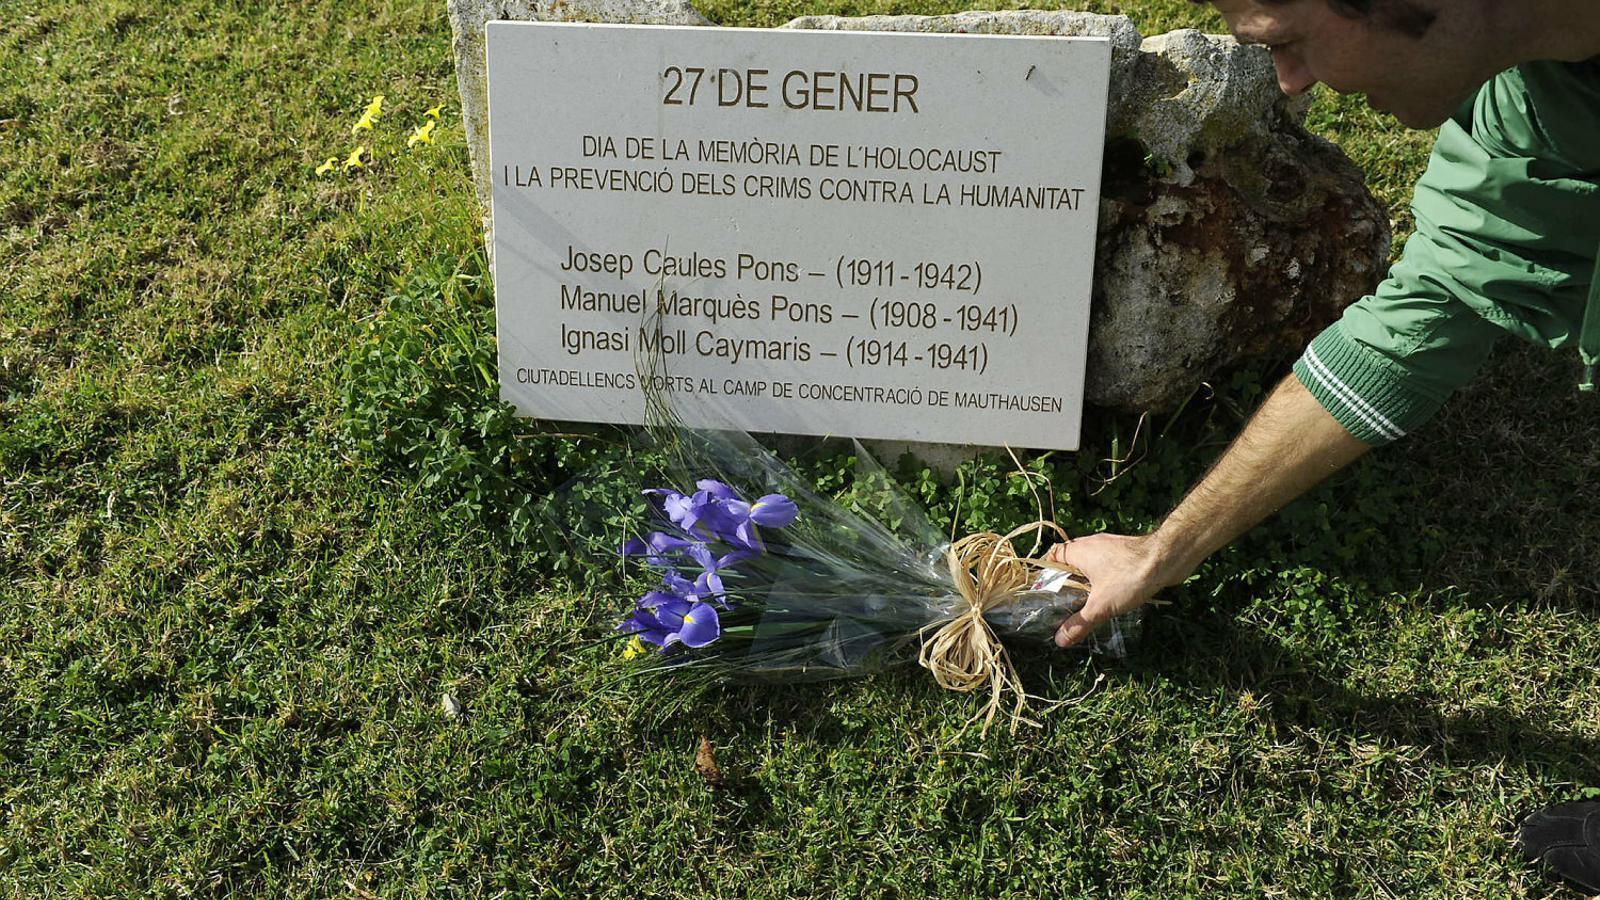 Uns 900 menorquins i descendents van ser víctimes de l'Holocaust nazi